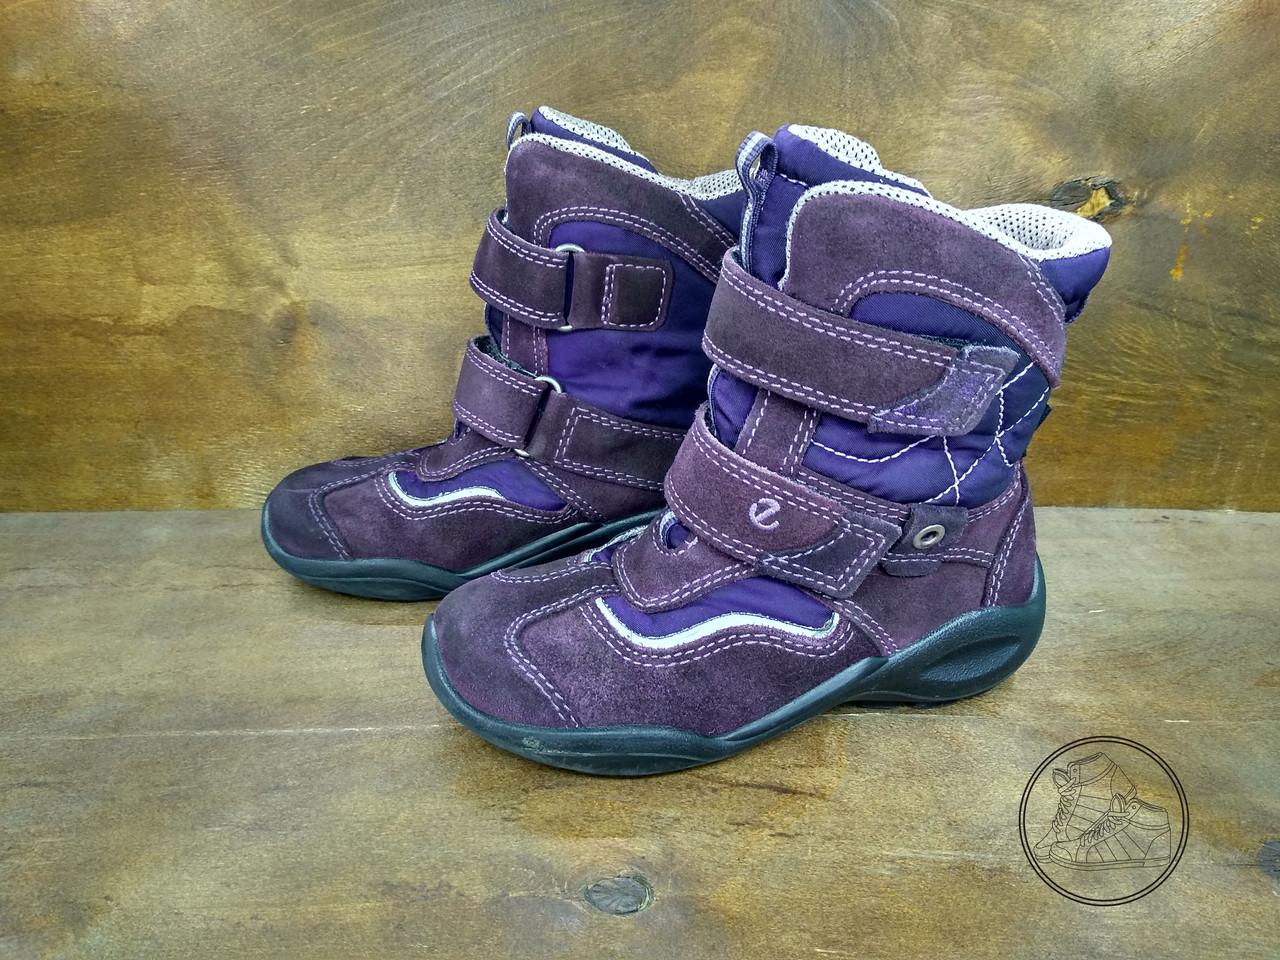 Ботиночки Ecco Gore-Tex (28 размер) бу